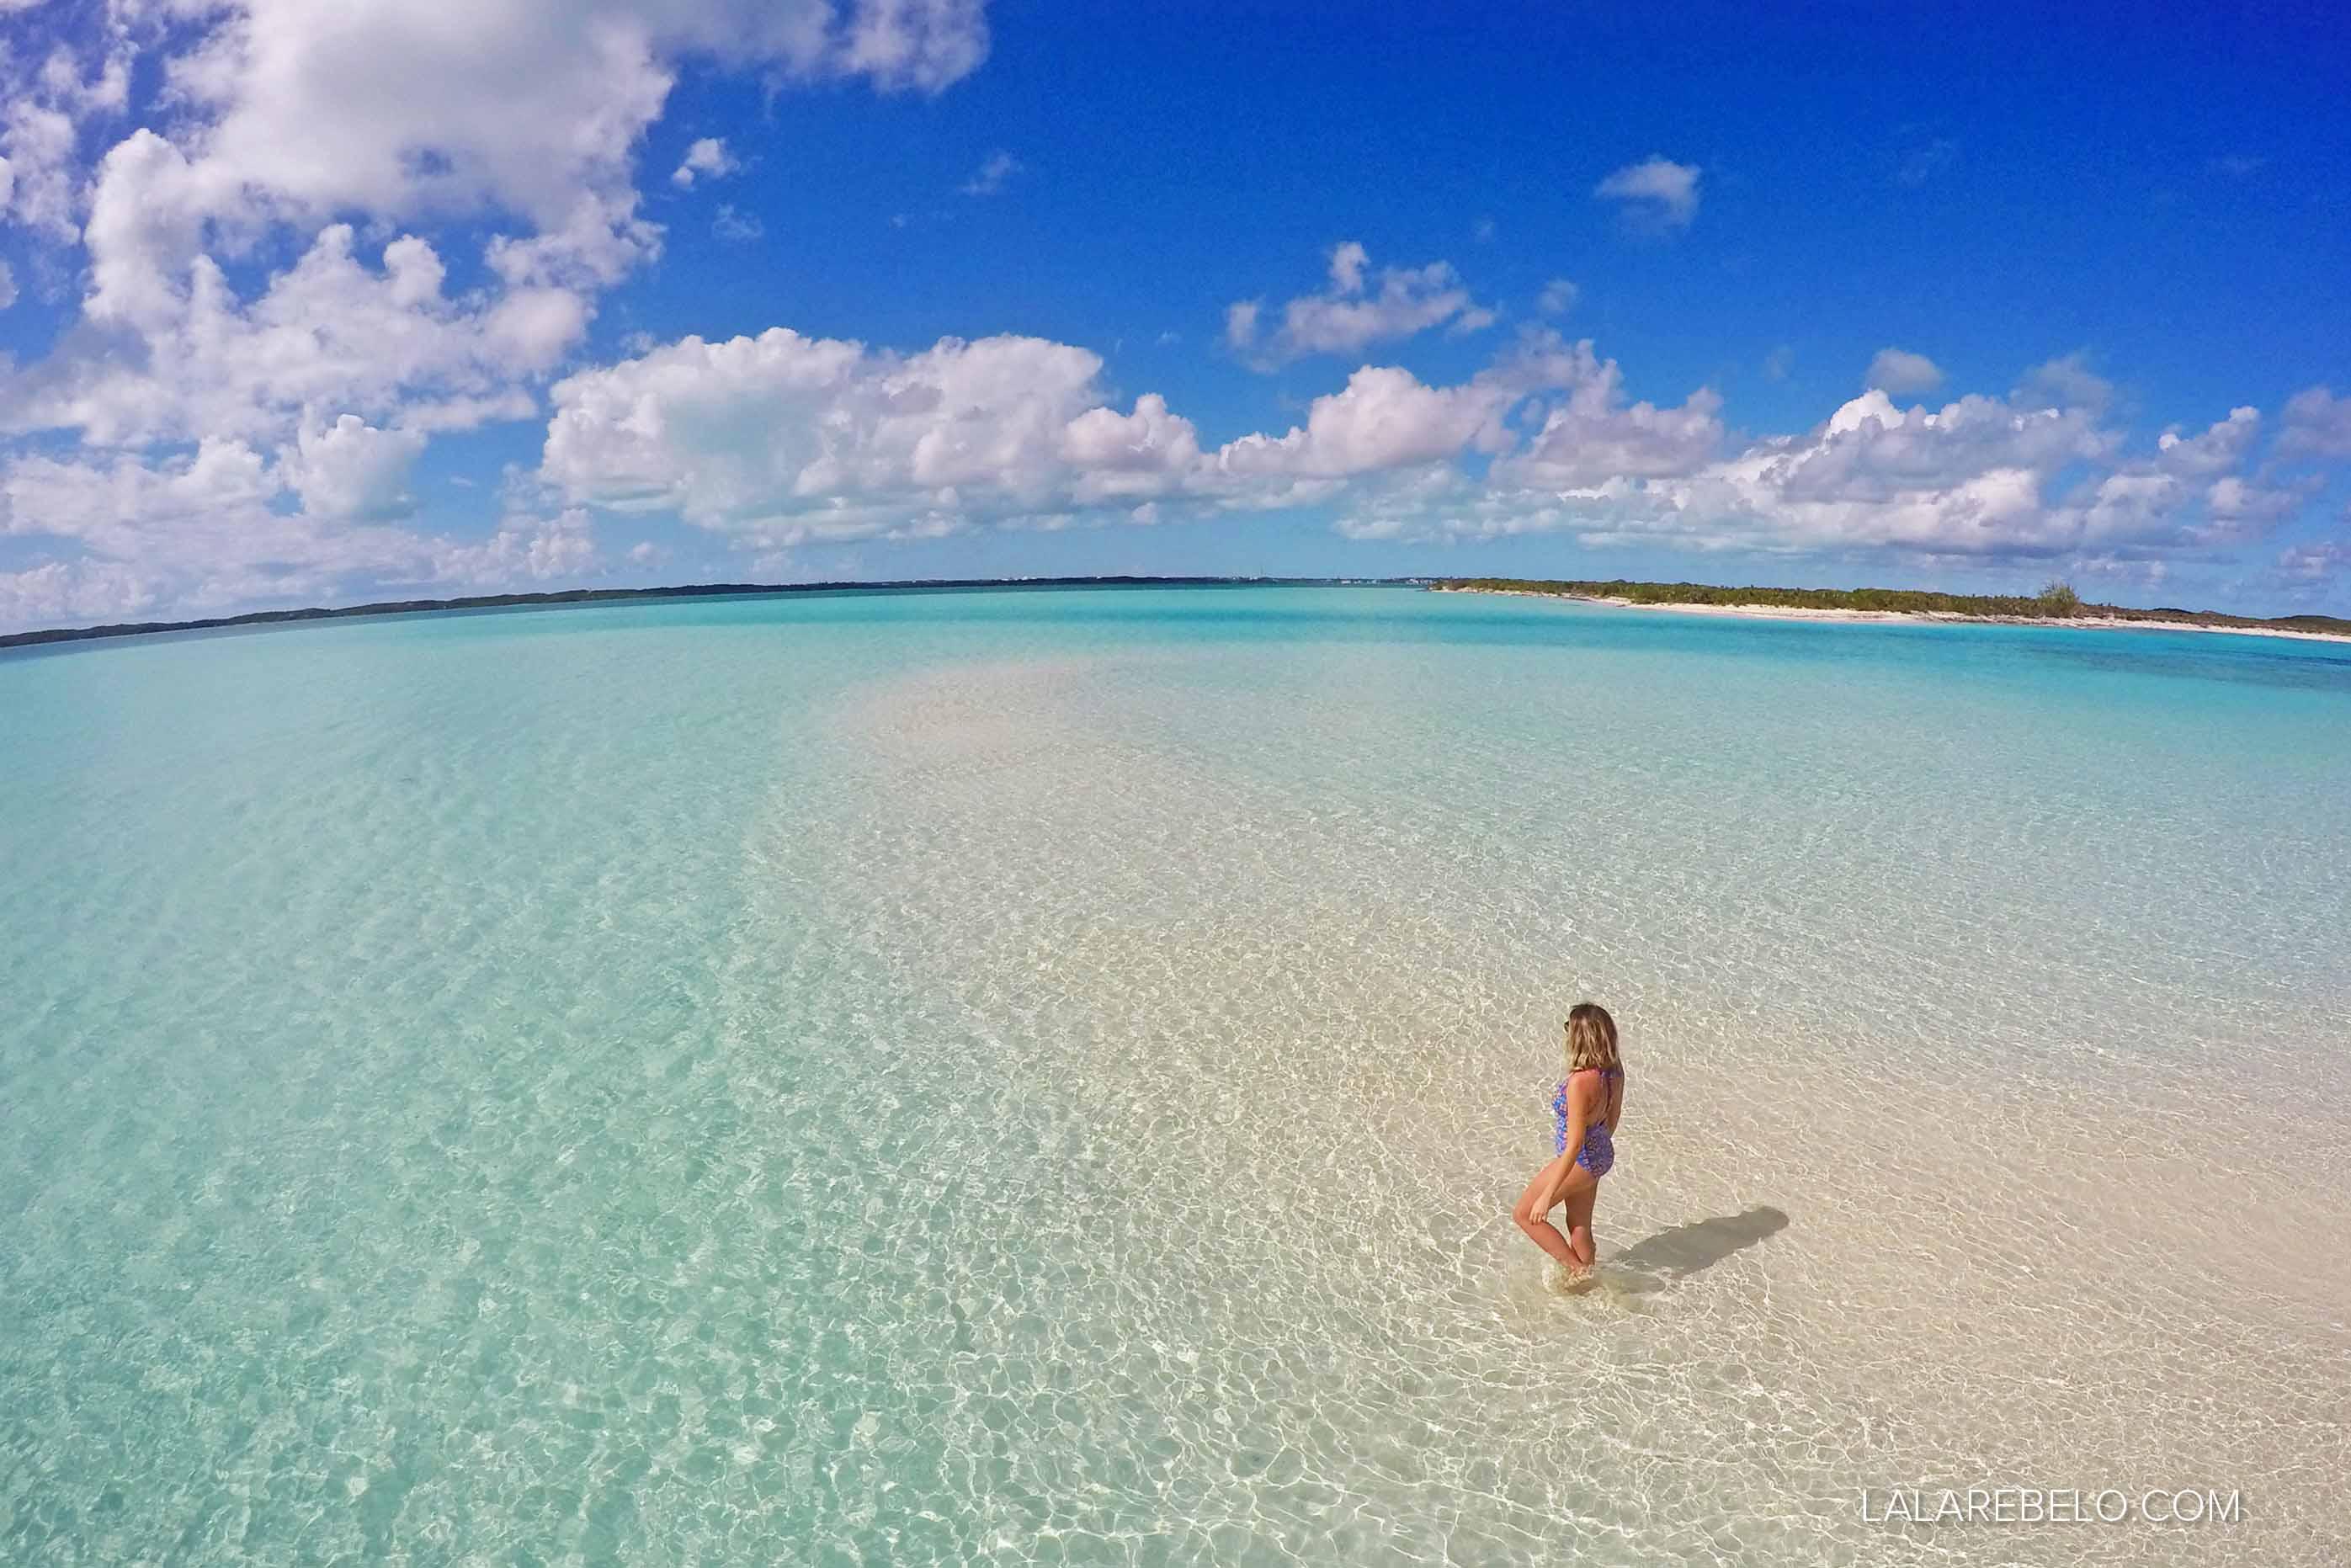 In looooove por esse lugar! Nosso banco de areia em Stocking Island - Exuma - Bahamas